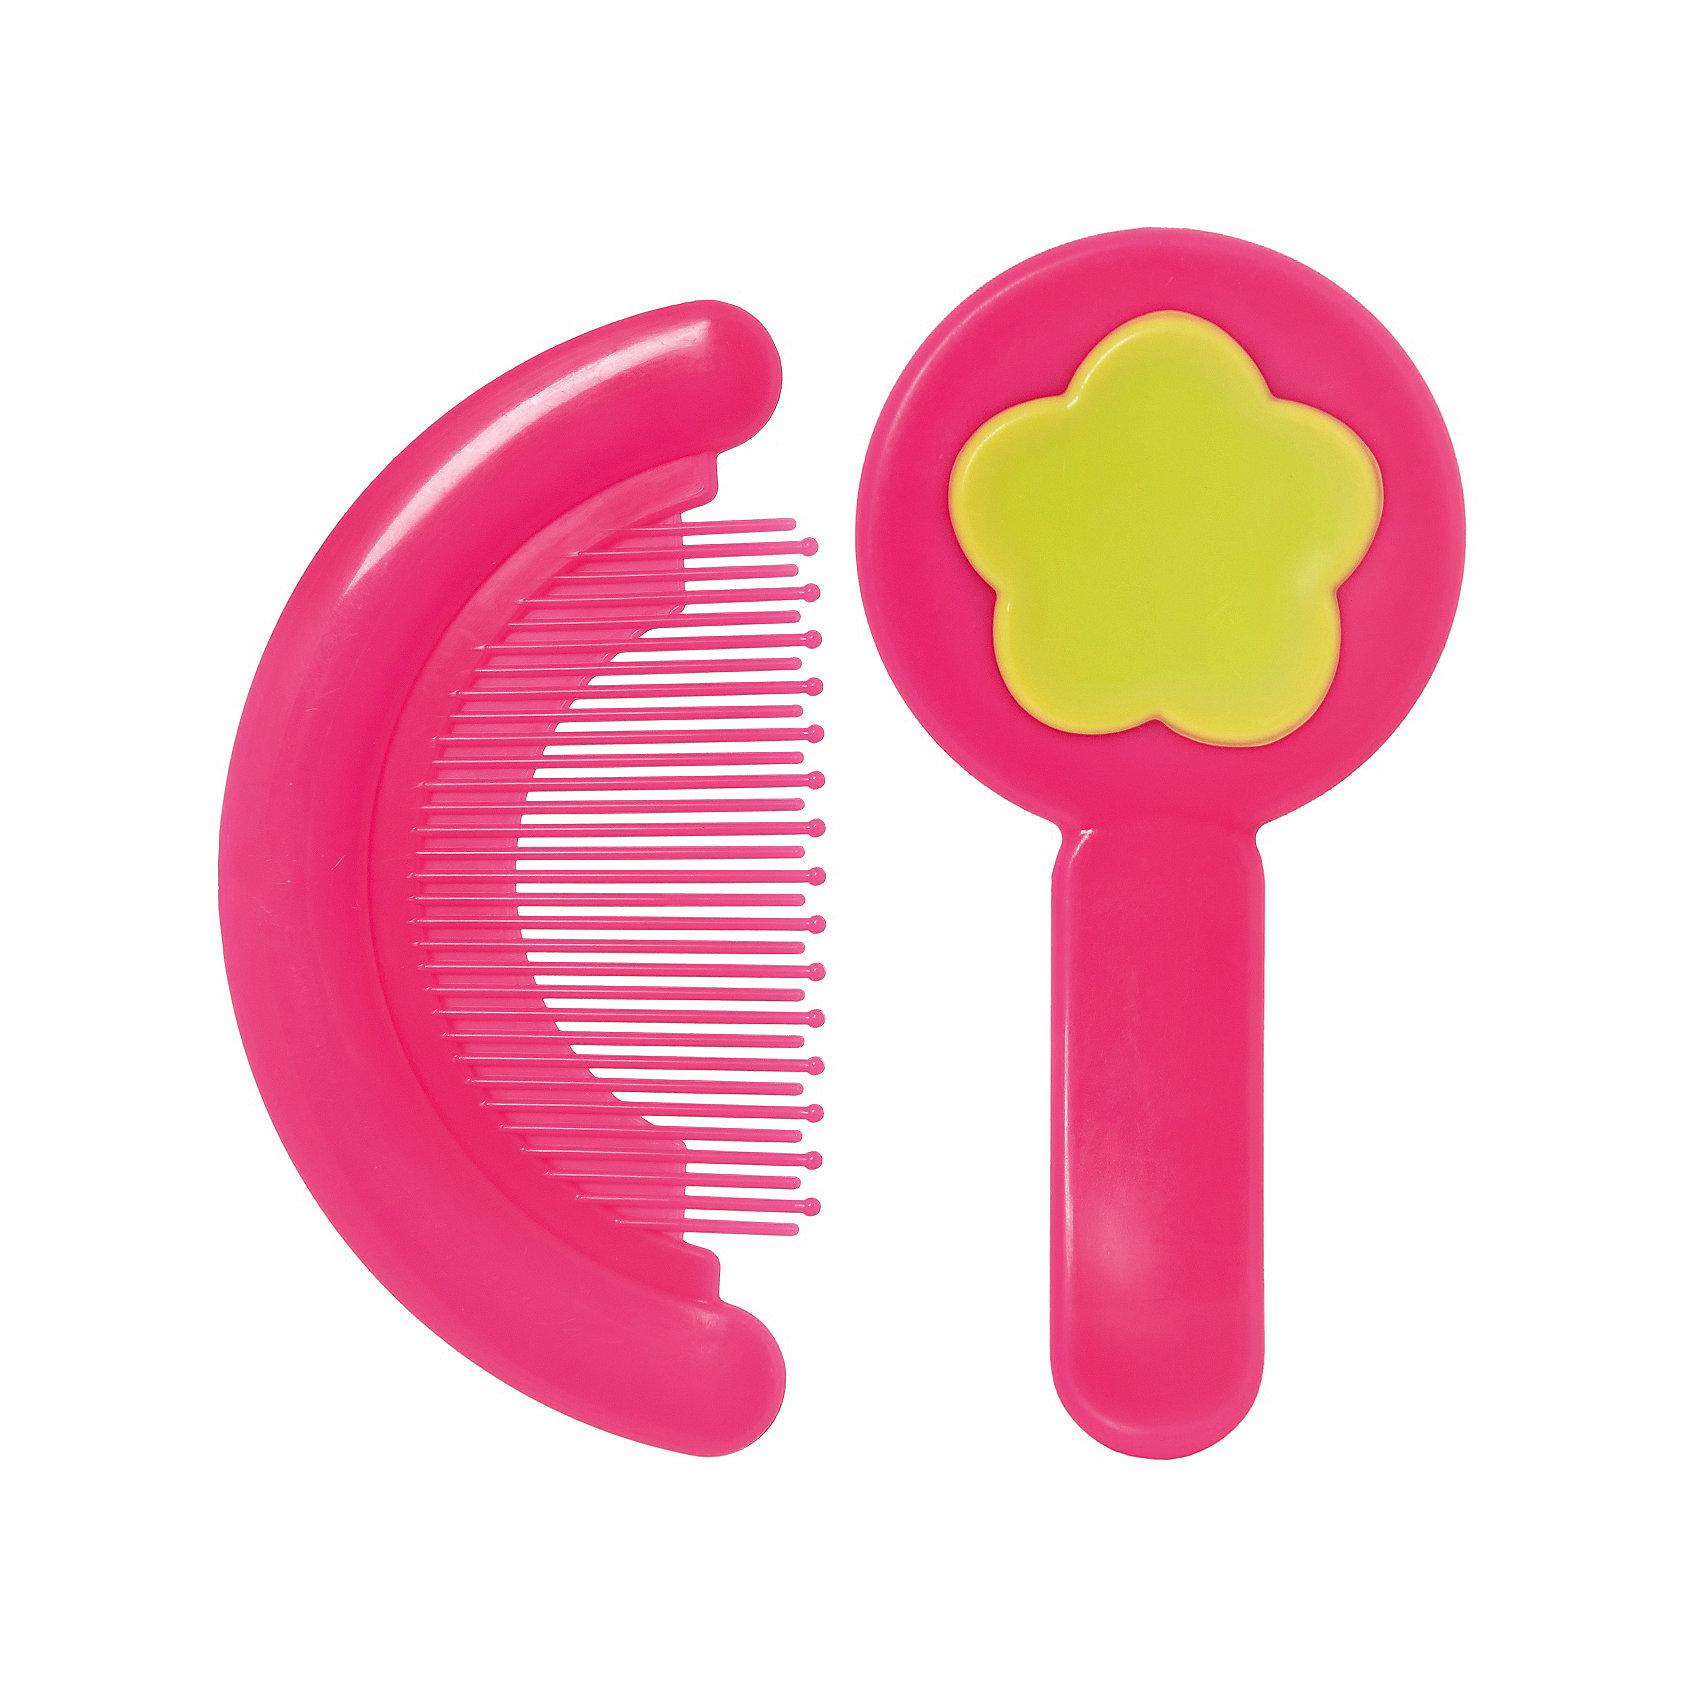 Набор: расческа и щетка, Kurnosiki, розовыйУход за ребенком<br>Характеристики:<br><br>• Наименование: расческа и щетка<br>• Материал: пластик, нейлон<br>• Пол: для девочки<br>• Цвет: розовый, желтый<br>• Рисунок: цветок<br>• Комплектация: расческа, щетка<br>• Мягкая щетина и закругленные зубцы<br>• Отсутствие острых углов<br>• Вес: 68 г<br>• Параметры (Д*Ш*В): 15*3*11 см <br>• Особенности ухода: сухая и влажная чистка<br><br>Набор: расческа и щетка, Kurnosiki, розовый выполнены из гипоаллергенных материалов, которые не раздражают нежную кожу малыша. Расческа выполнена в форме гребня, зубцы имеют закругленные концы, благодаря чему можно быстро и без особых усилий привести в порядок детские волосики. У щетки щетина выполнена из нейлона средней жесткости, что обеспечивает легкий массаж кожи головы. Набор выполнен в ярком цвете. <br><br>Набор: расческу и щетку, Kurnosiki, розовый можно купить в нашем интернет-магазине.<br><br>Ширина мм: 60<br>Глубина мм: 170<br>Высота мм: 190<br>Вес г: 97<br>Возраст от месяцев: 4<br>Возраст до месяцев: 36<br>Пол: Женский<br>Возраст: Детский<br>SKU: 5428688